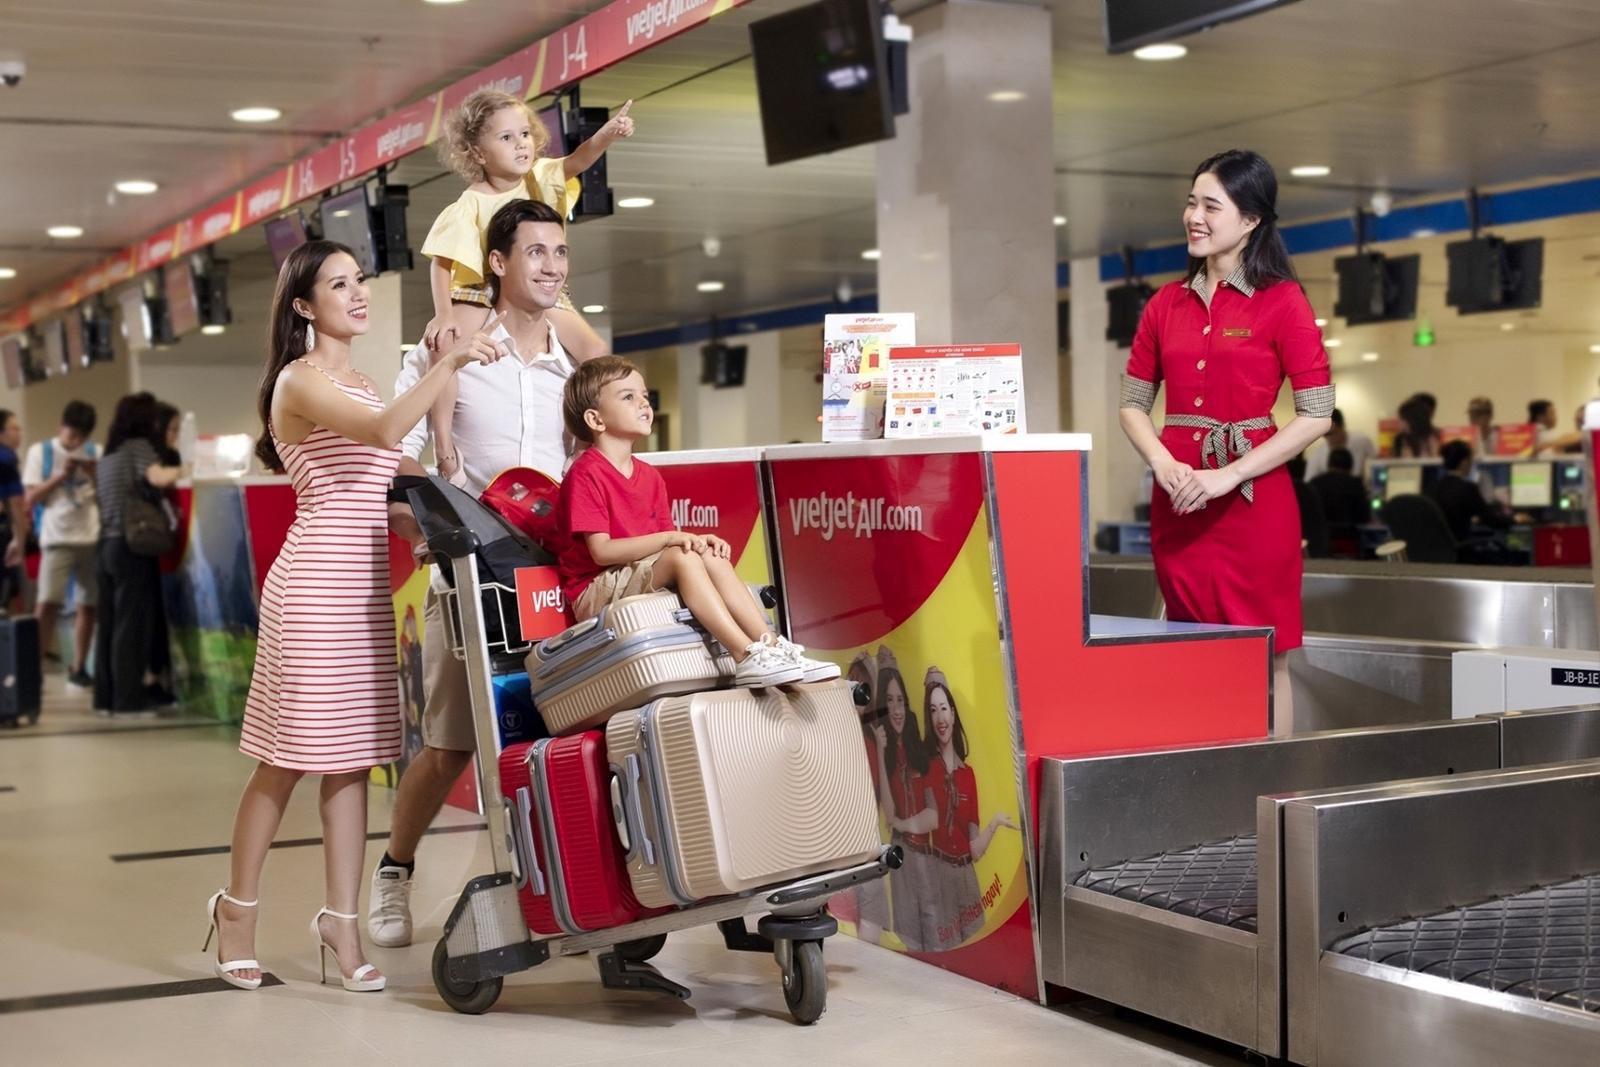 2 triệu vé giá chỉ 1 600 đồng dành tặng trẻ em và gia đình bay khắp Việt Nam